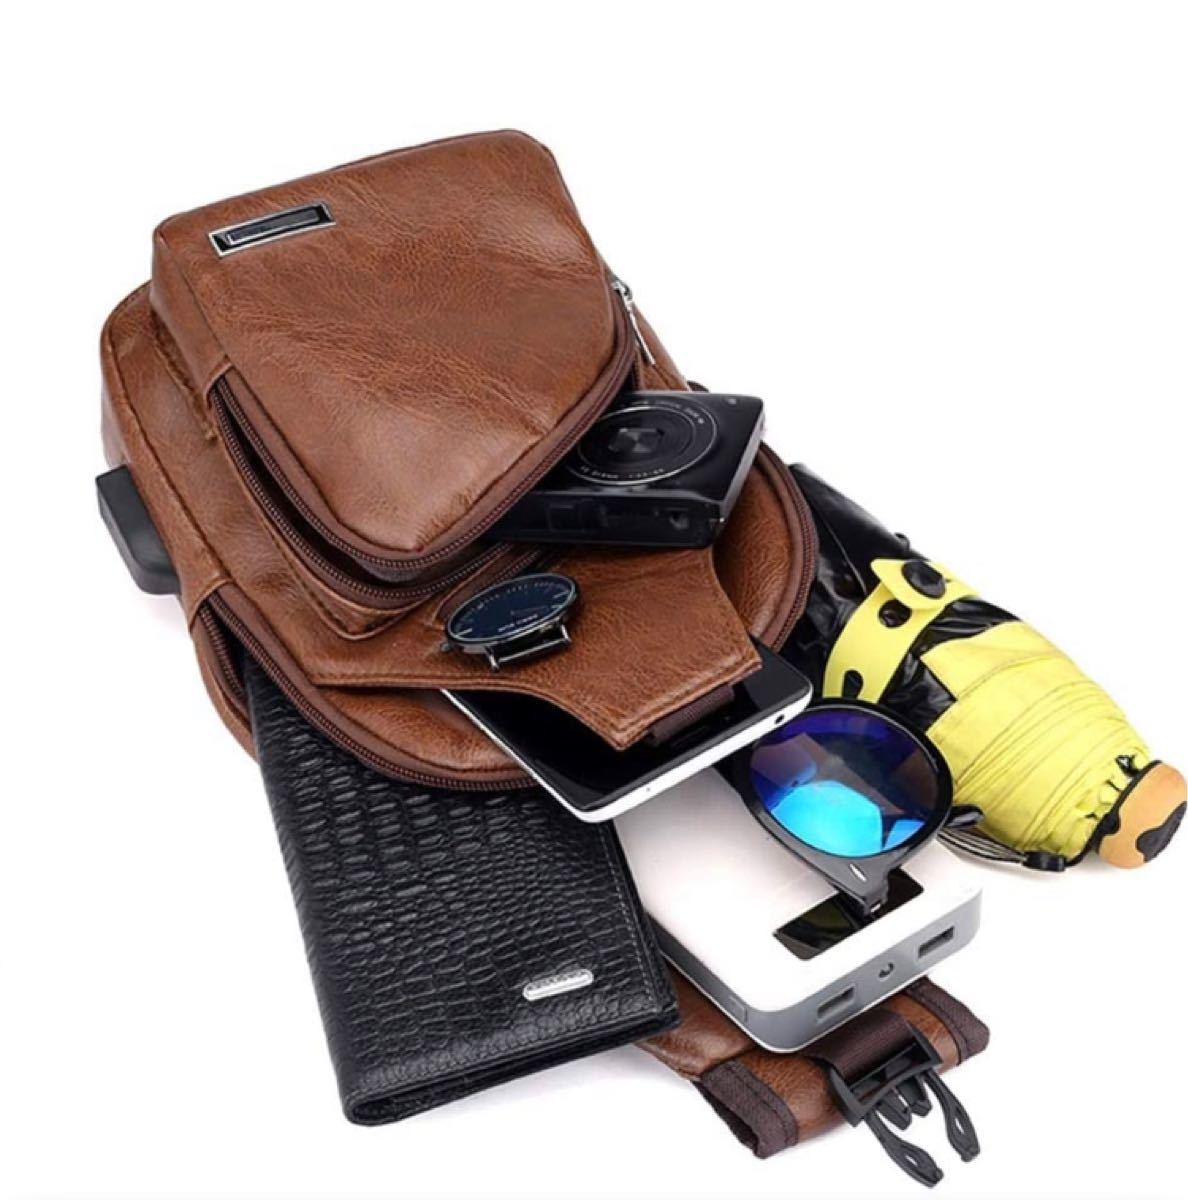 メンズ ボディバッグ ワンショルダー ボディーバッグ ショルダーバッグ ブラウン 斜めがけ 大容量 USBポート 新品 軽量 撥水